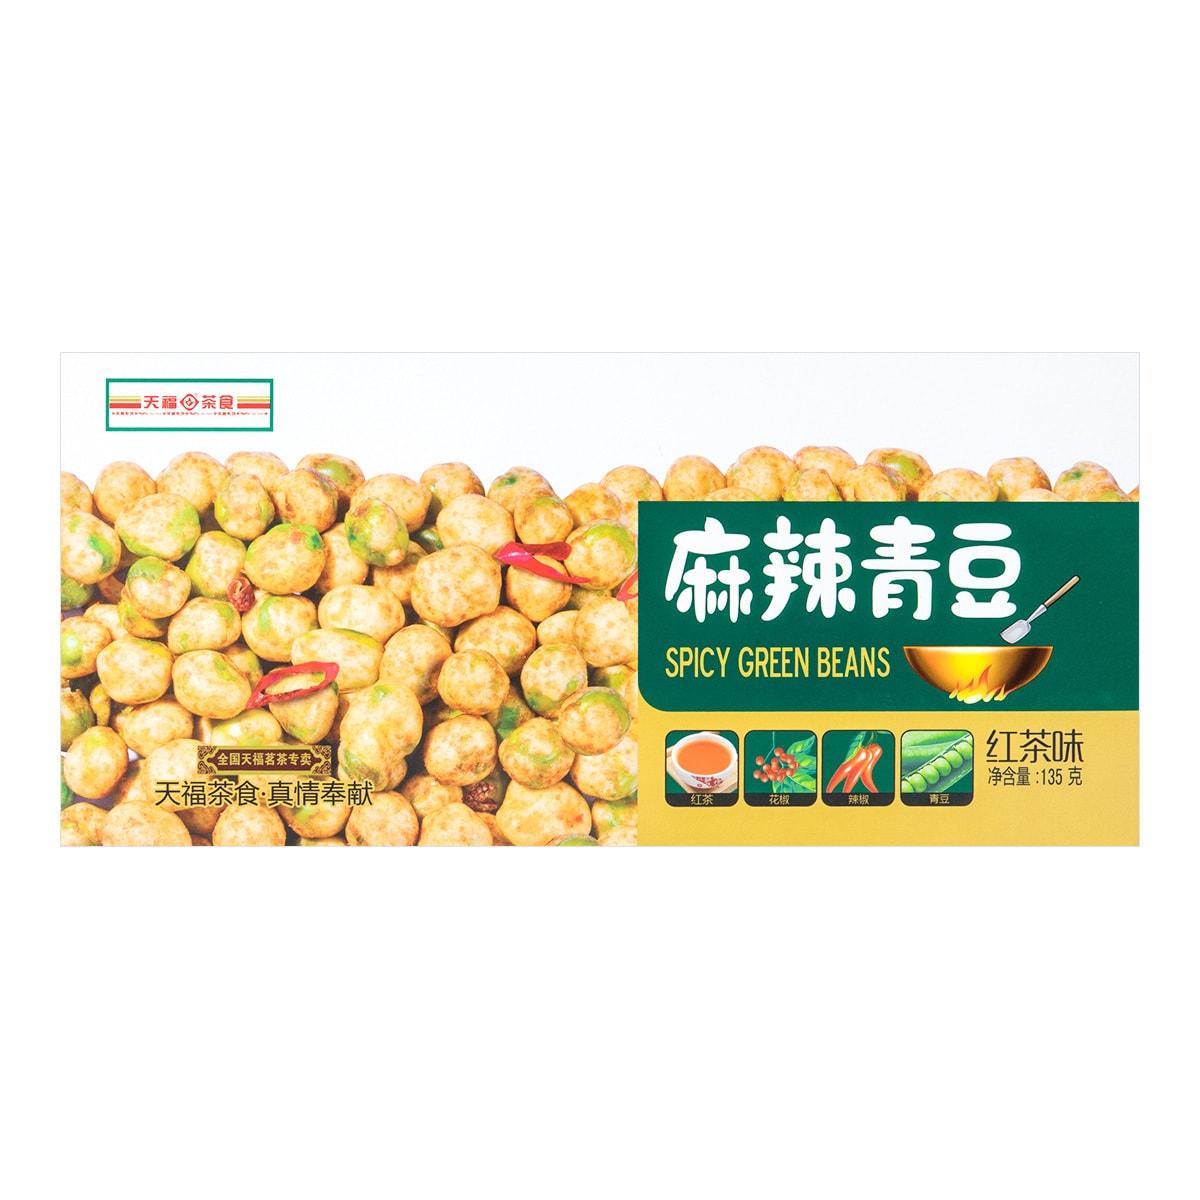 TEN FU'S TEA FOOD天福茶食 麻辣青豆 红茶味 9袋入 135g